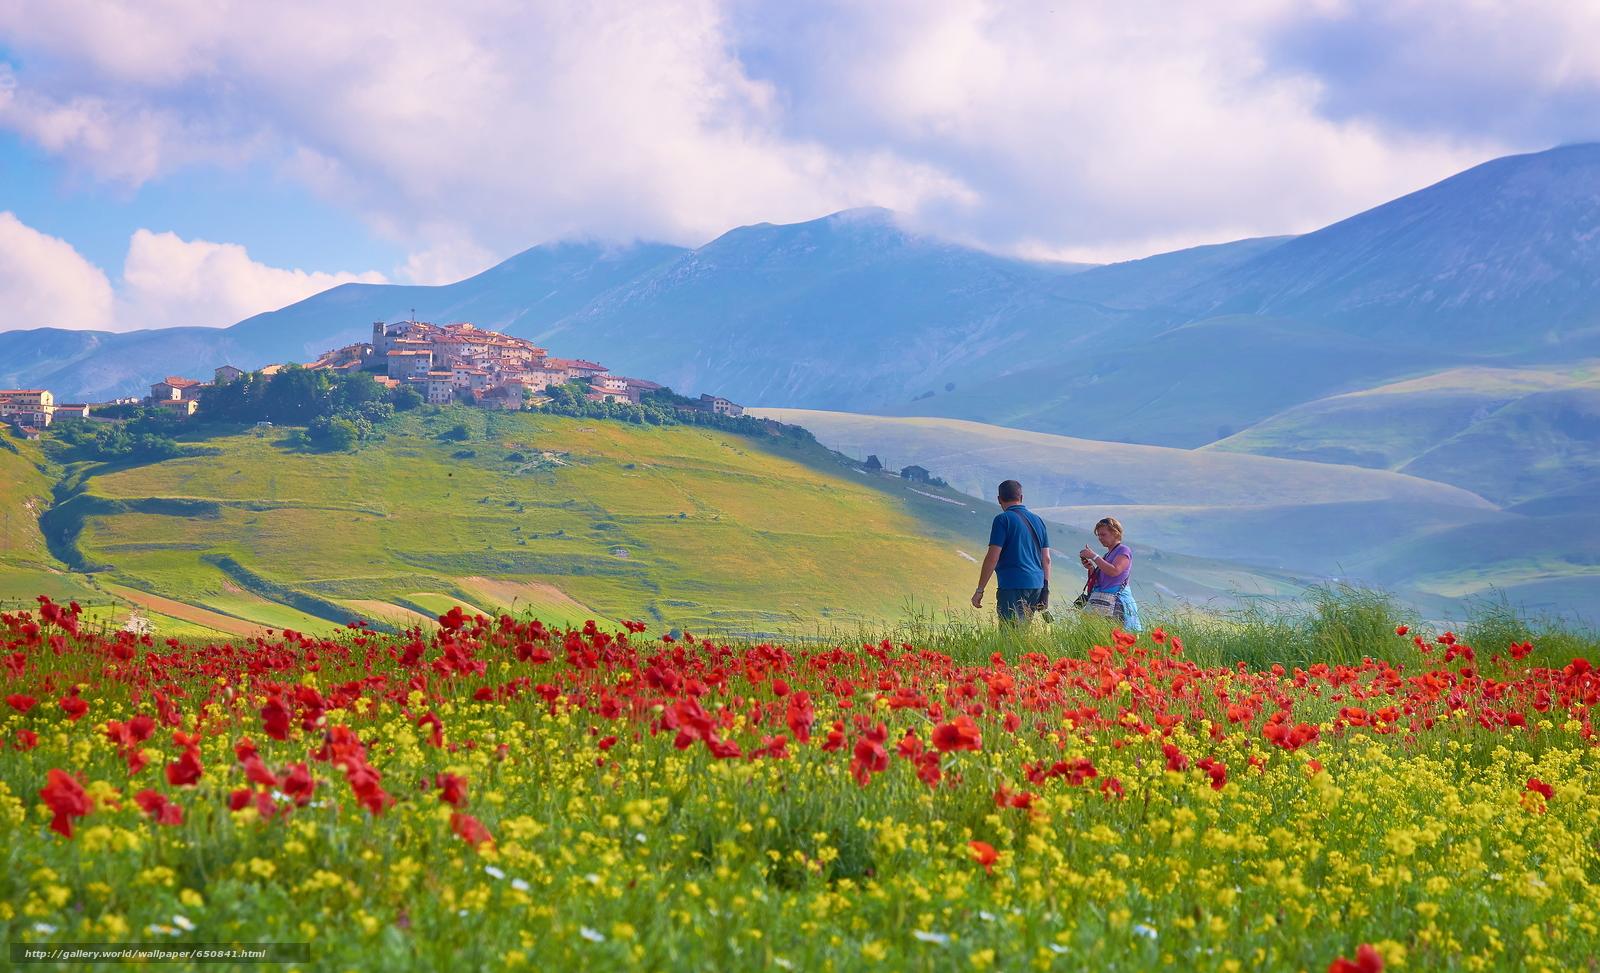 Скачать обои Италия,  горы,  поле,  небо бесплатно для рабочего стола в разрешении 3840x2334 — картинка №650841